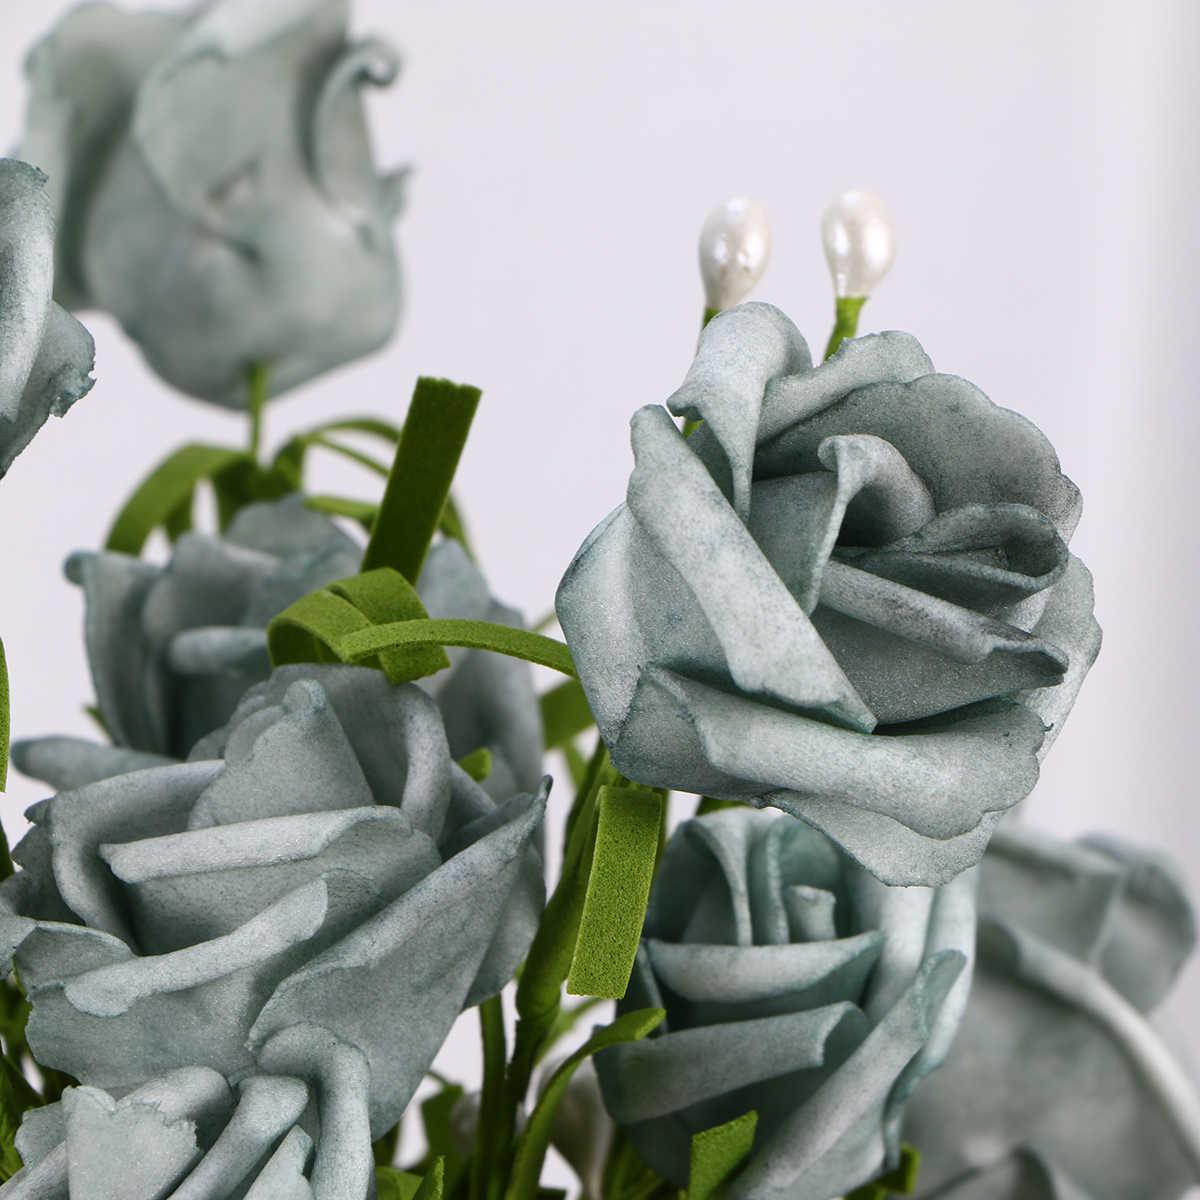 2 Pcs 6 Kepala Buatan Bunga Mawar Palsu Simulasi Bunga Untuk Rumah Hotel Dekorasi Abu Abu A30 Buatan Bunga Kering Aliexpress